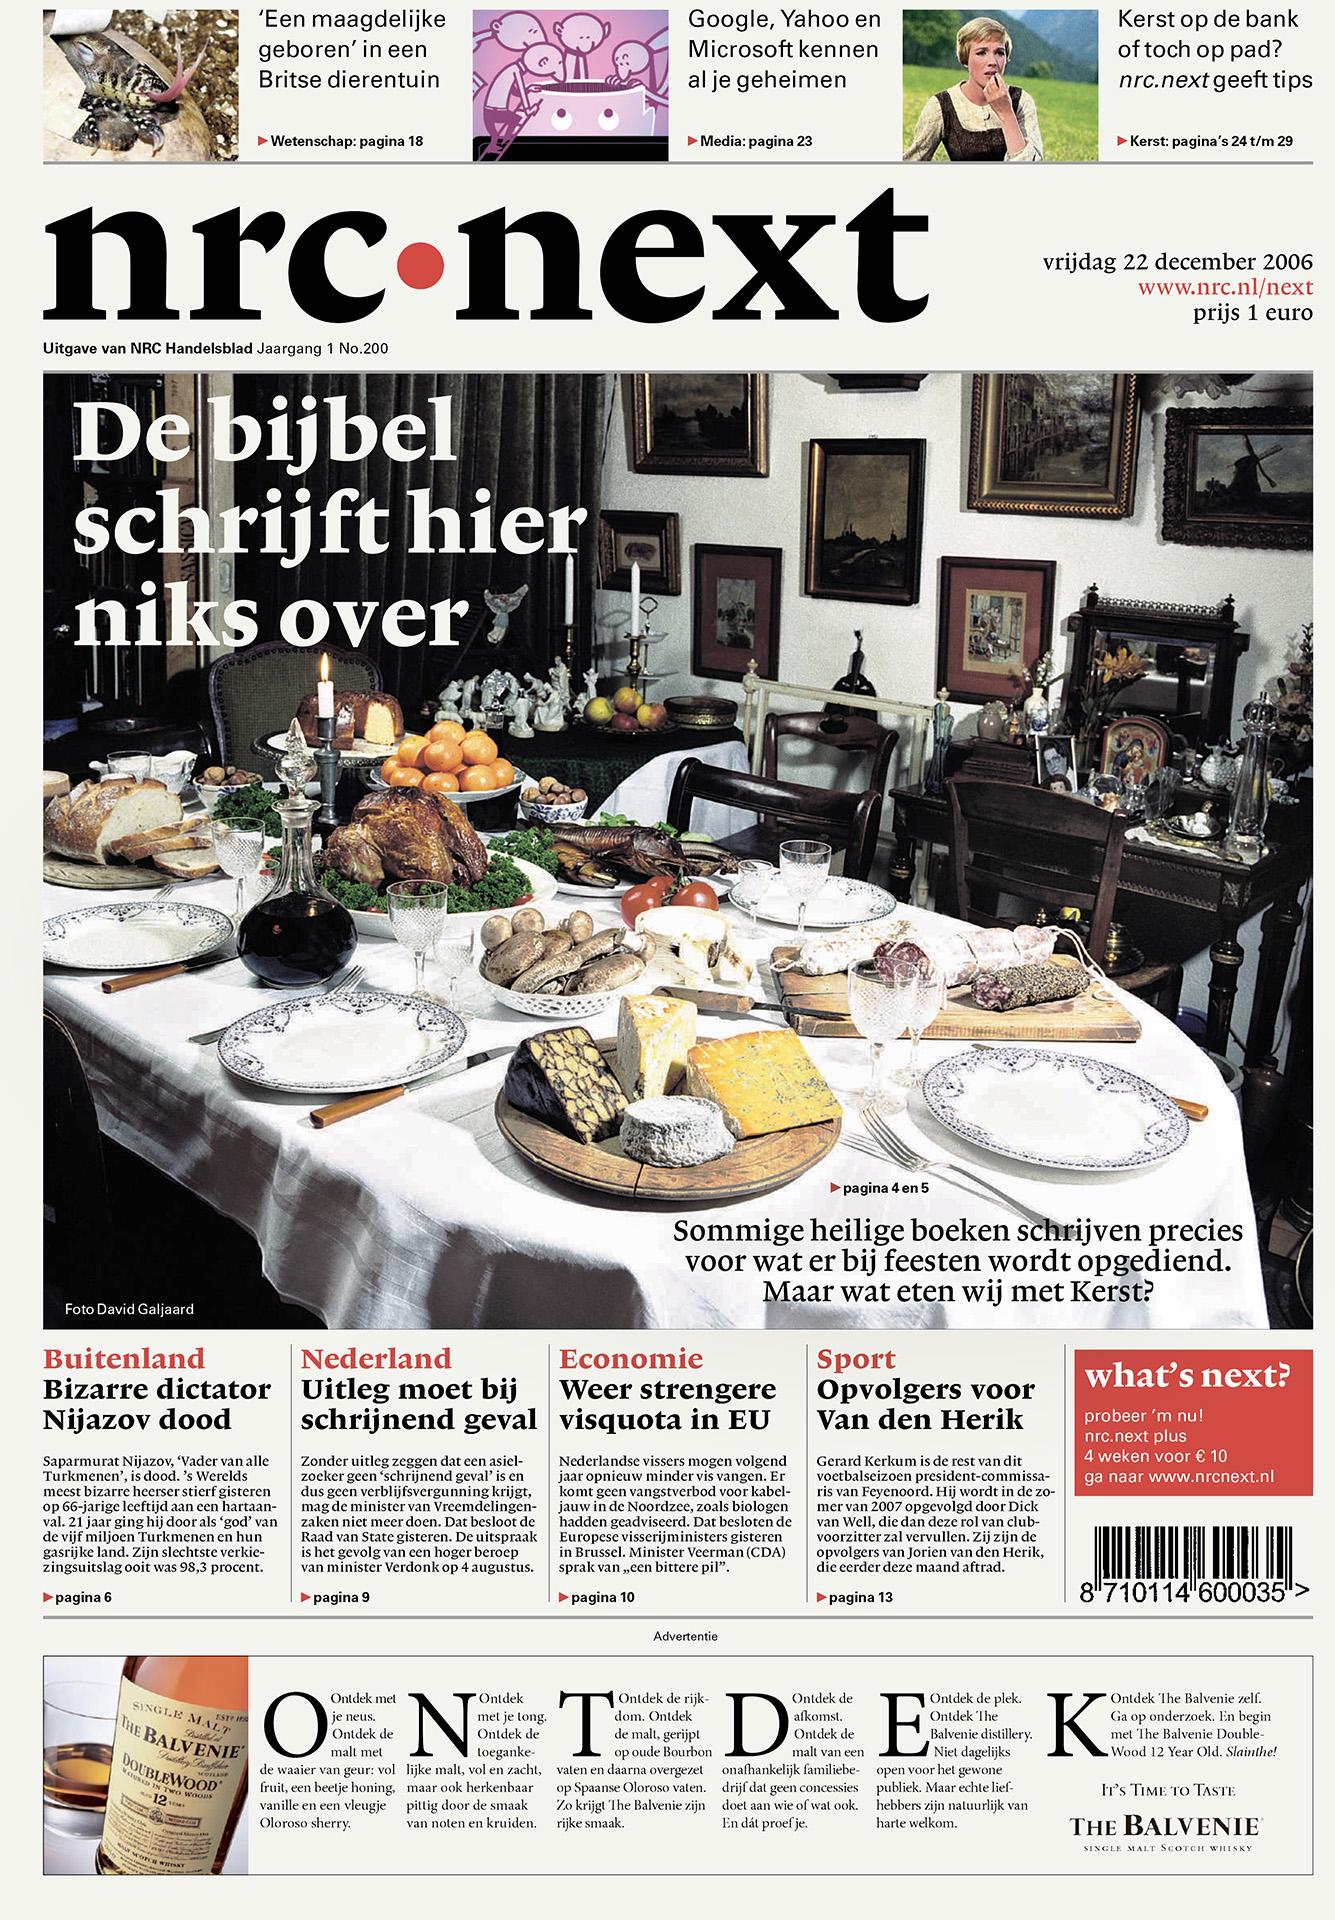 NRC Next - Gezond eten - David Galjaard